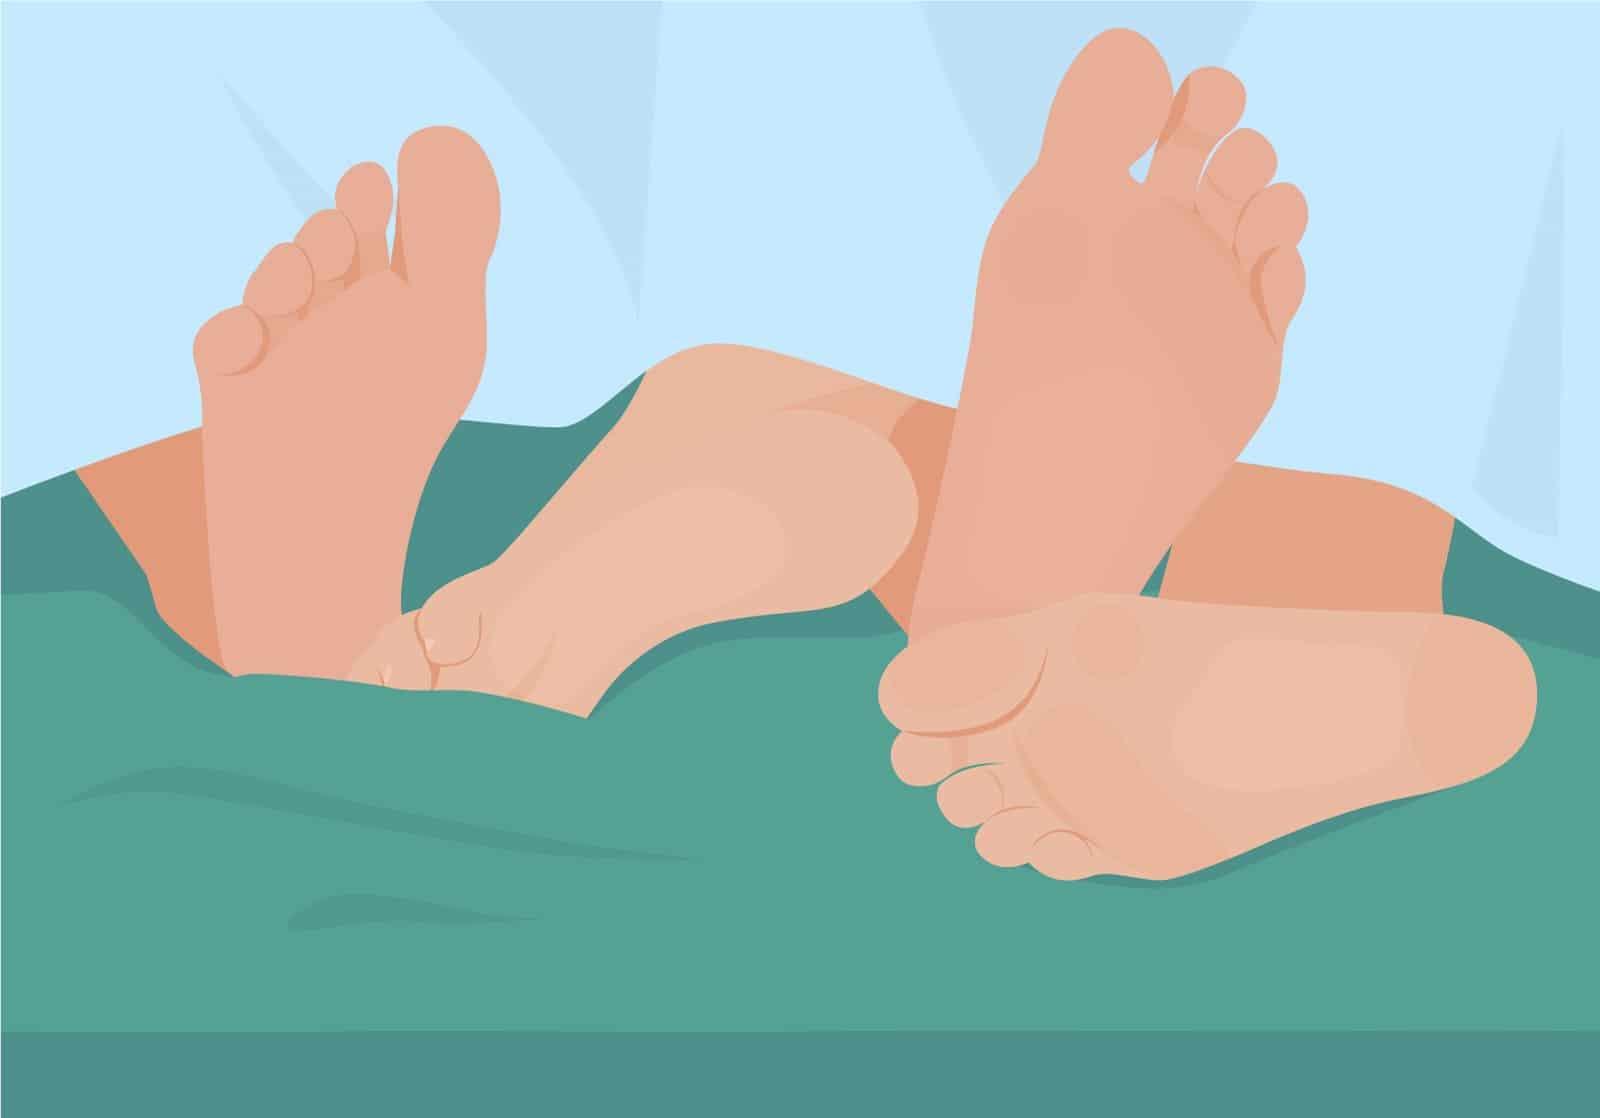 Sex im Schlaf - es wird auch als Sexsomnia bezeichnet